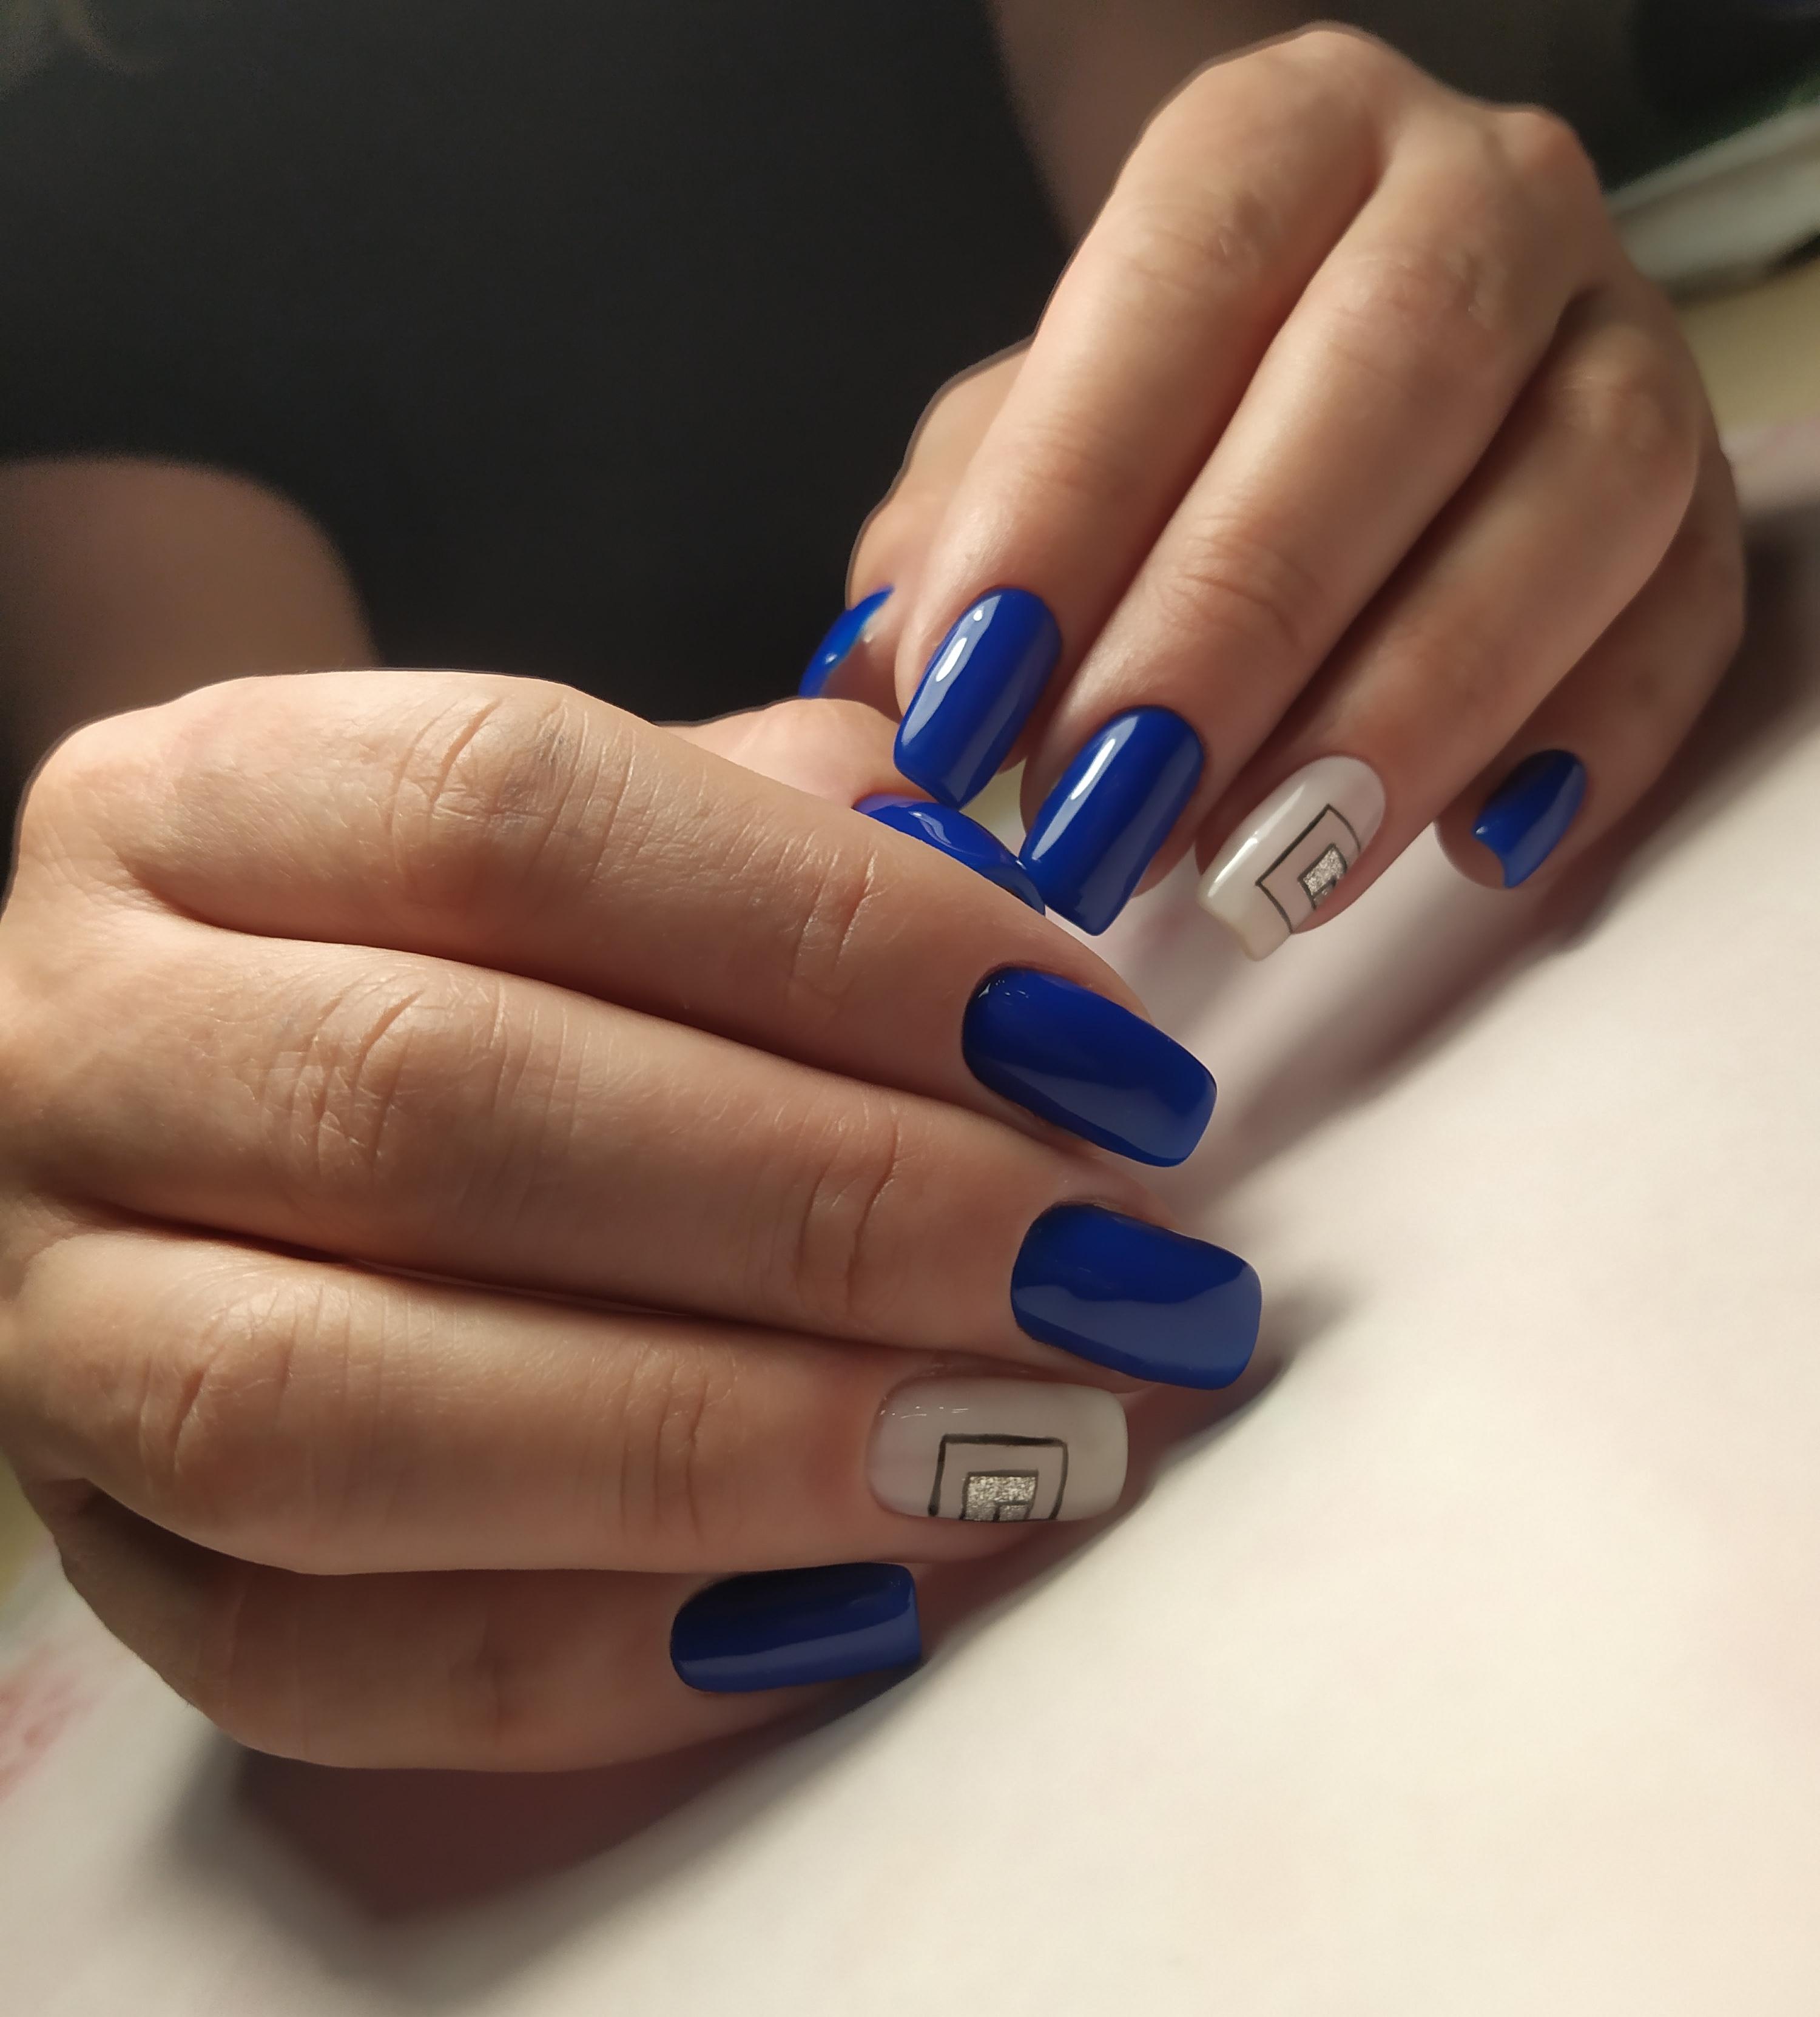 Маникюр с геометрическим рисунком в синем цвете.